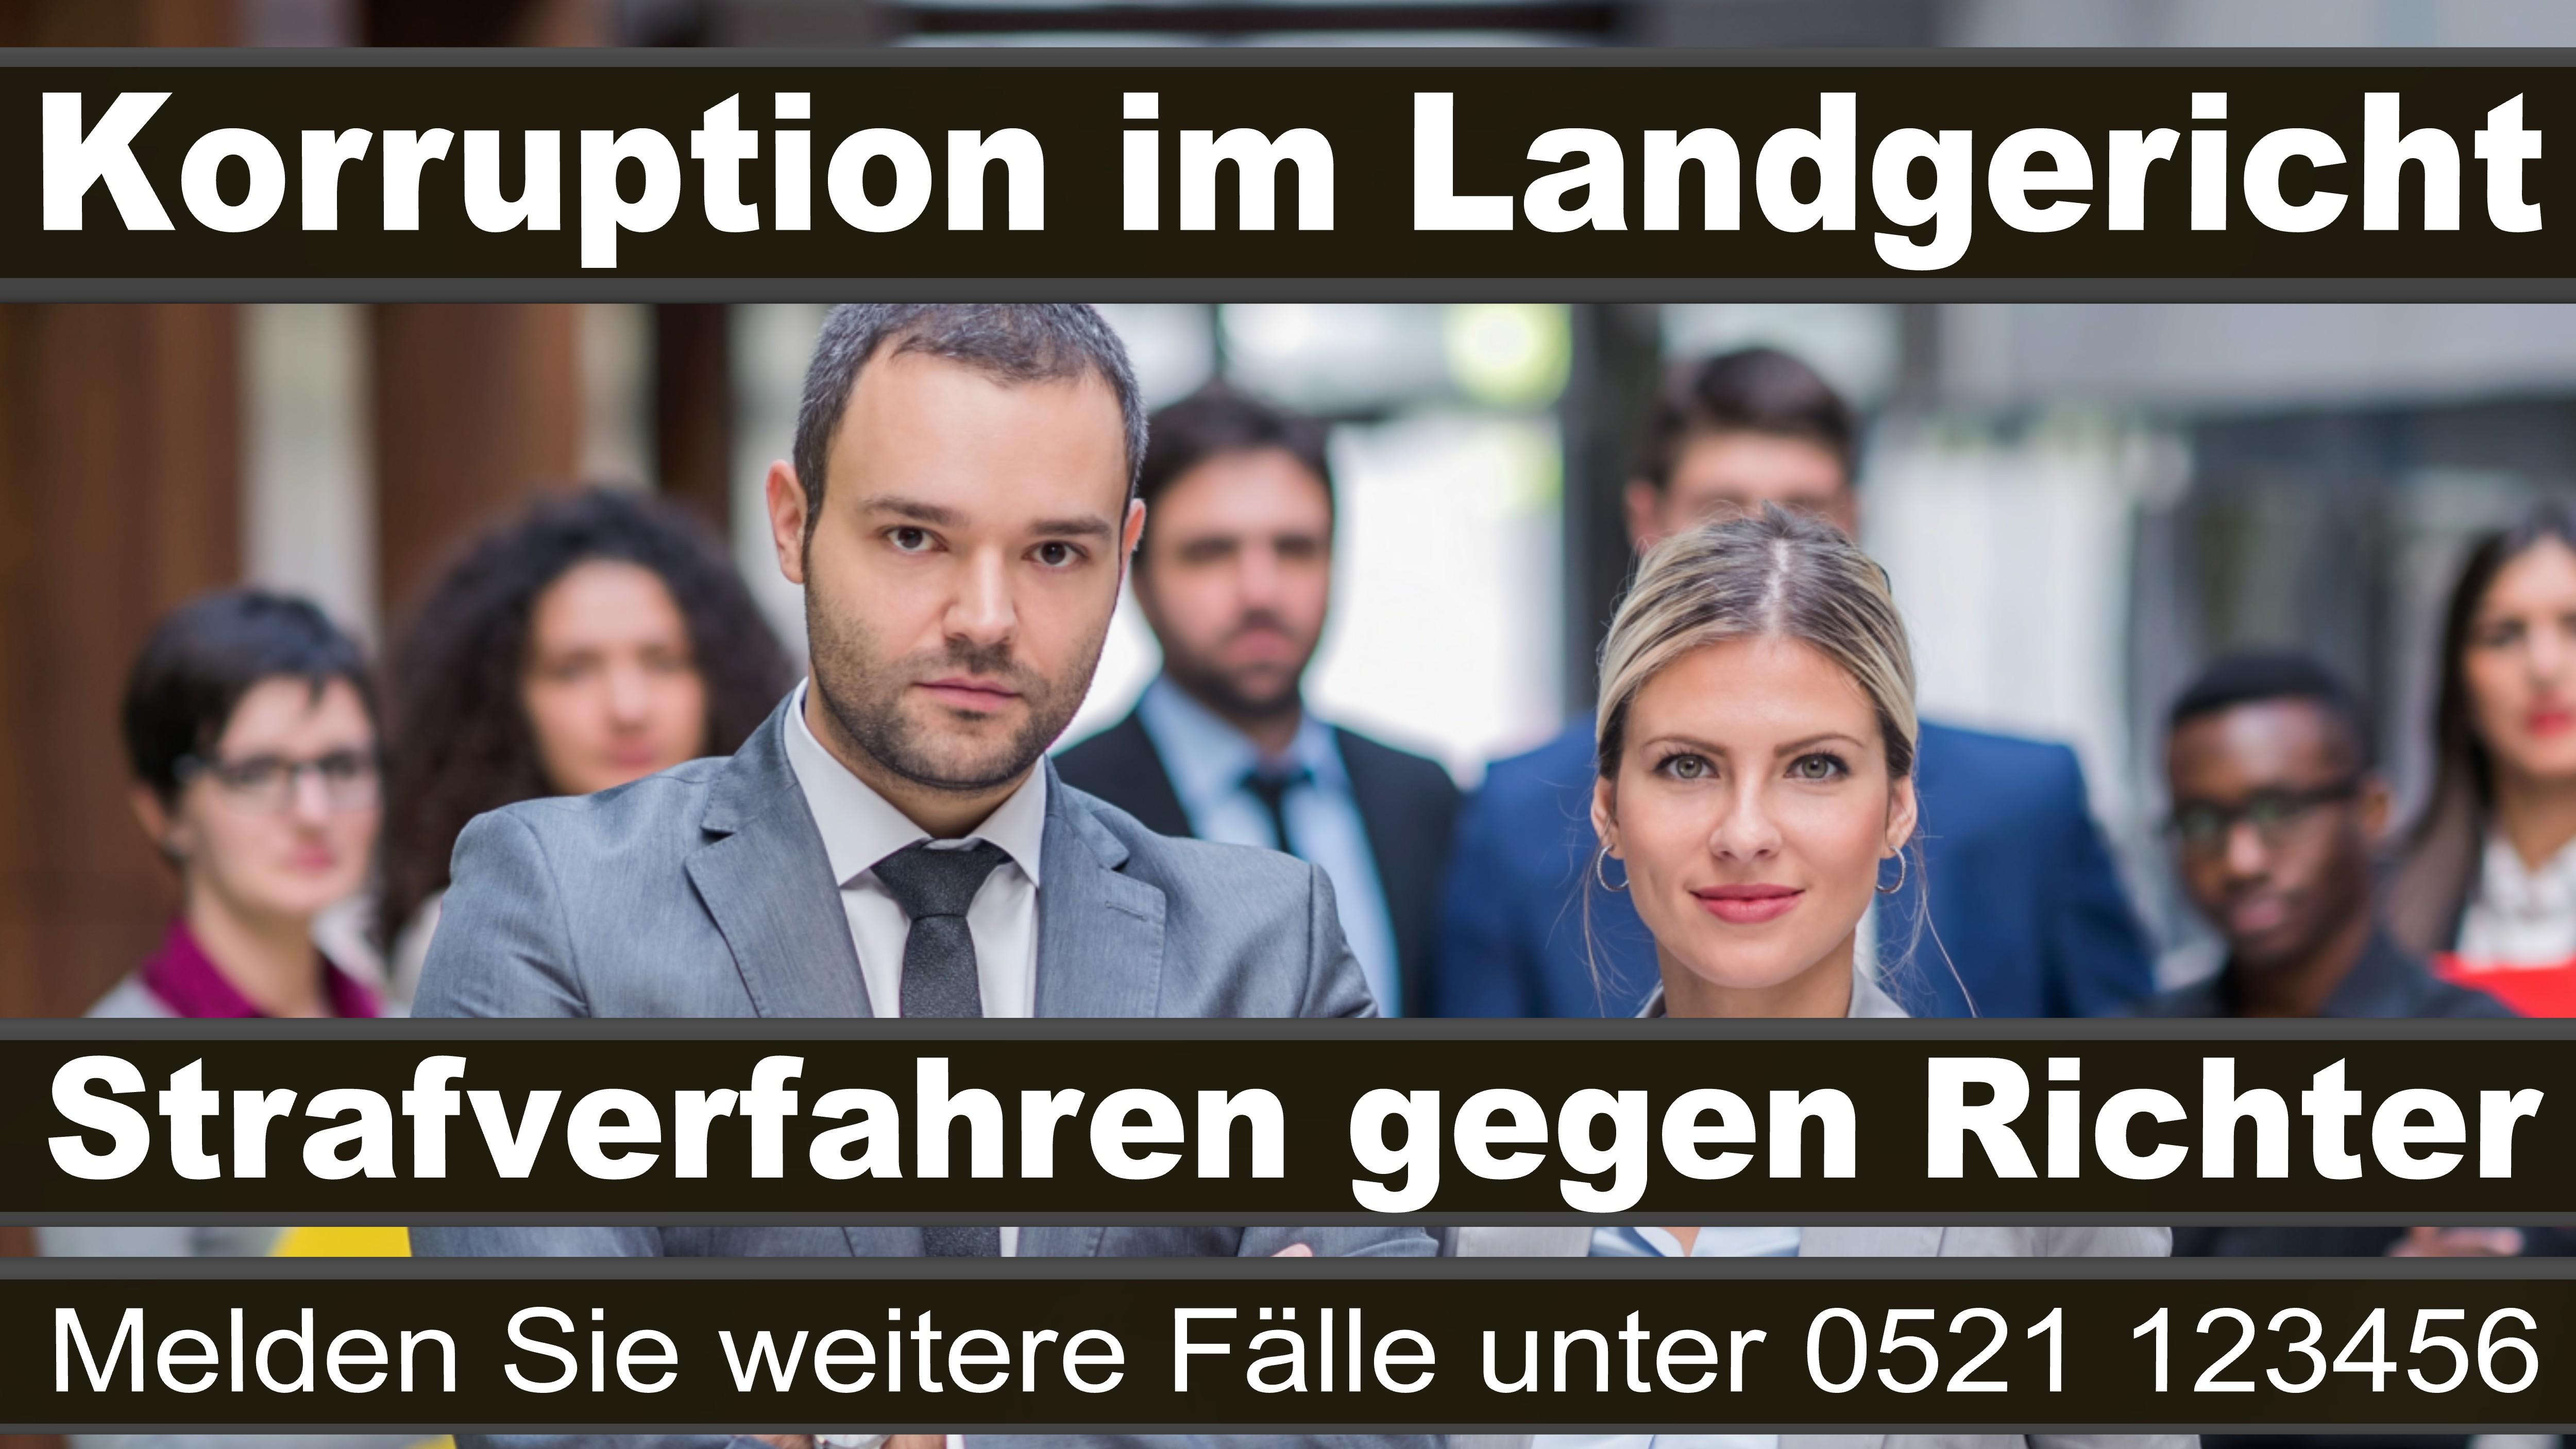 Generalstaatsanwaltschaft Celle